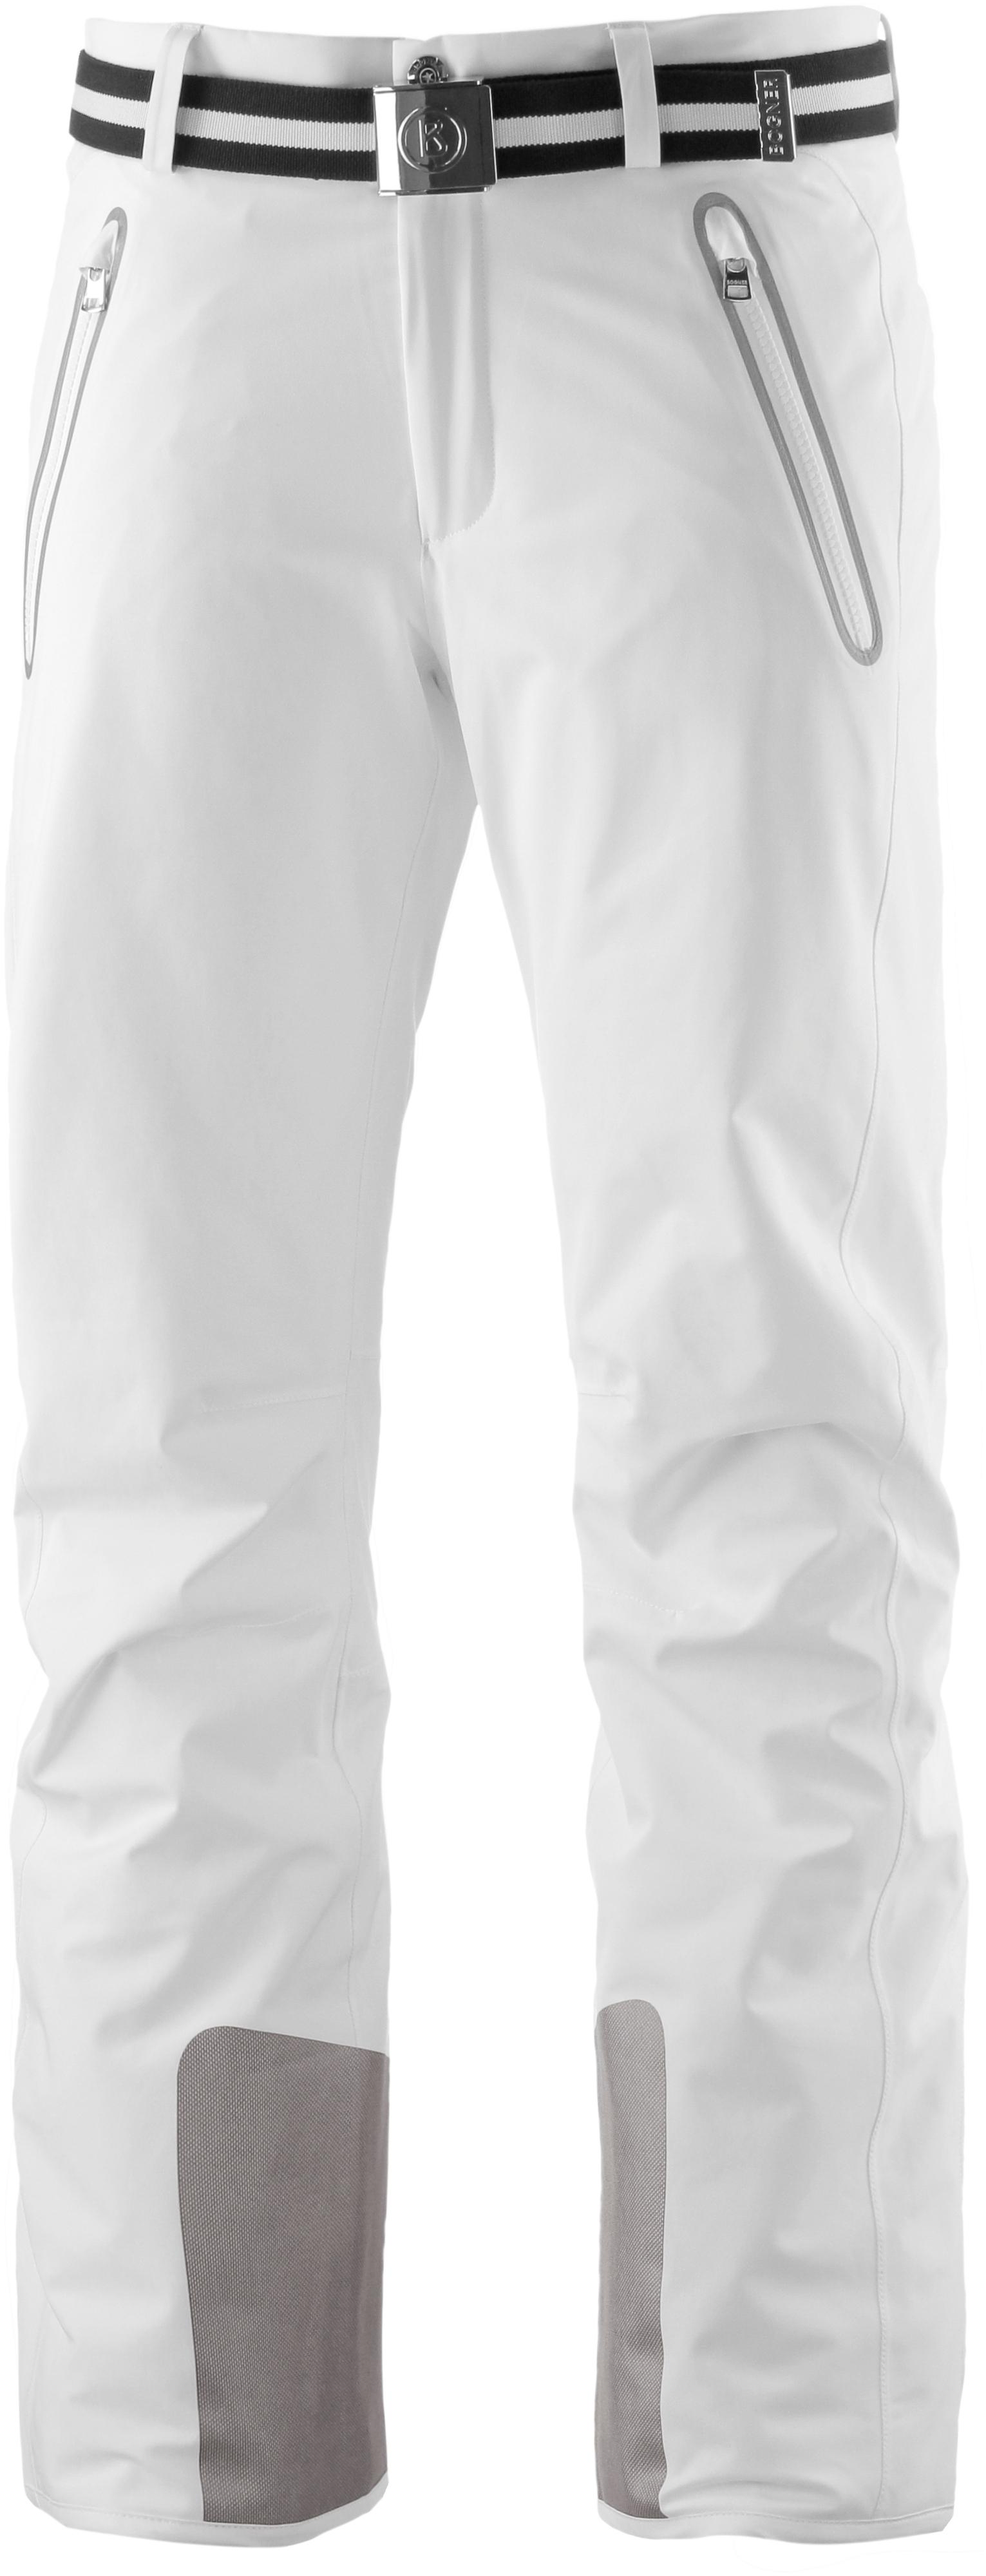 bogner tobi skihose herren offwhite im online shop von sportscheck rh sportscheck com